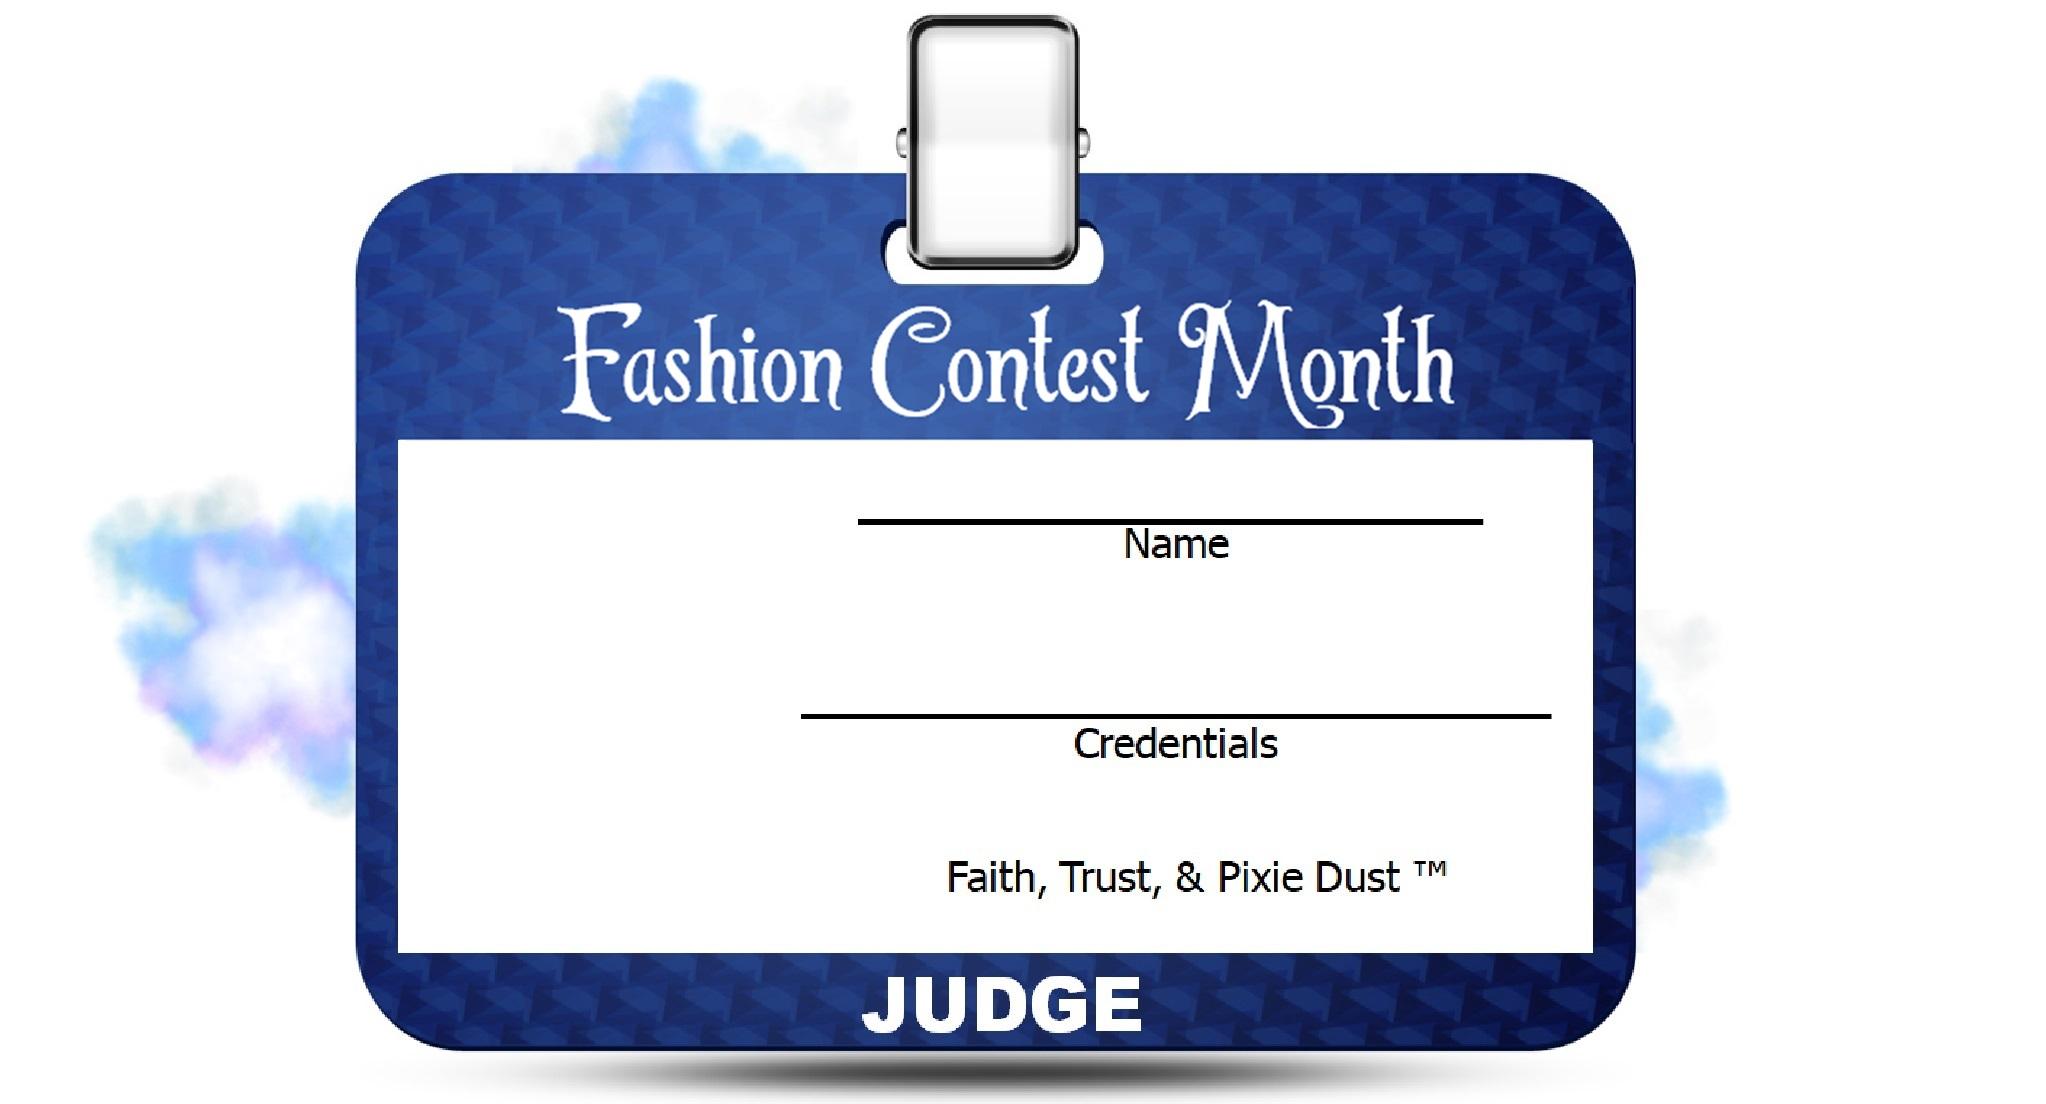 Judge ApplicationTemplate.jpg